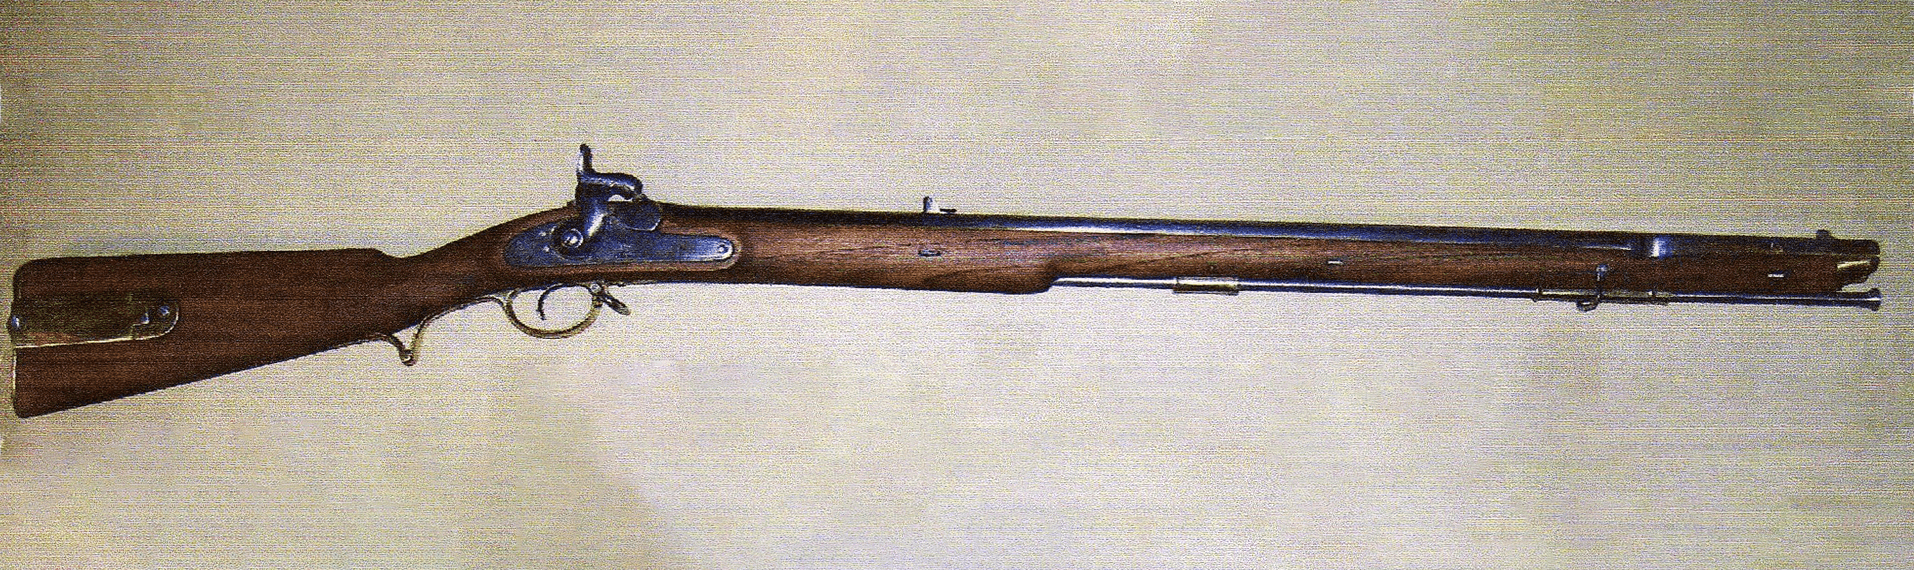 Brunswick Rifle